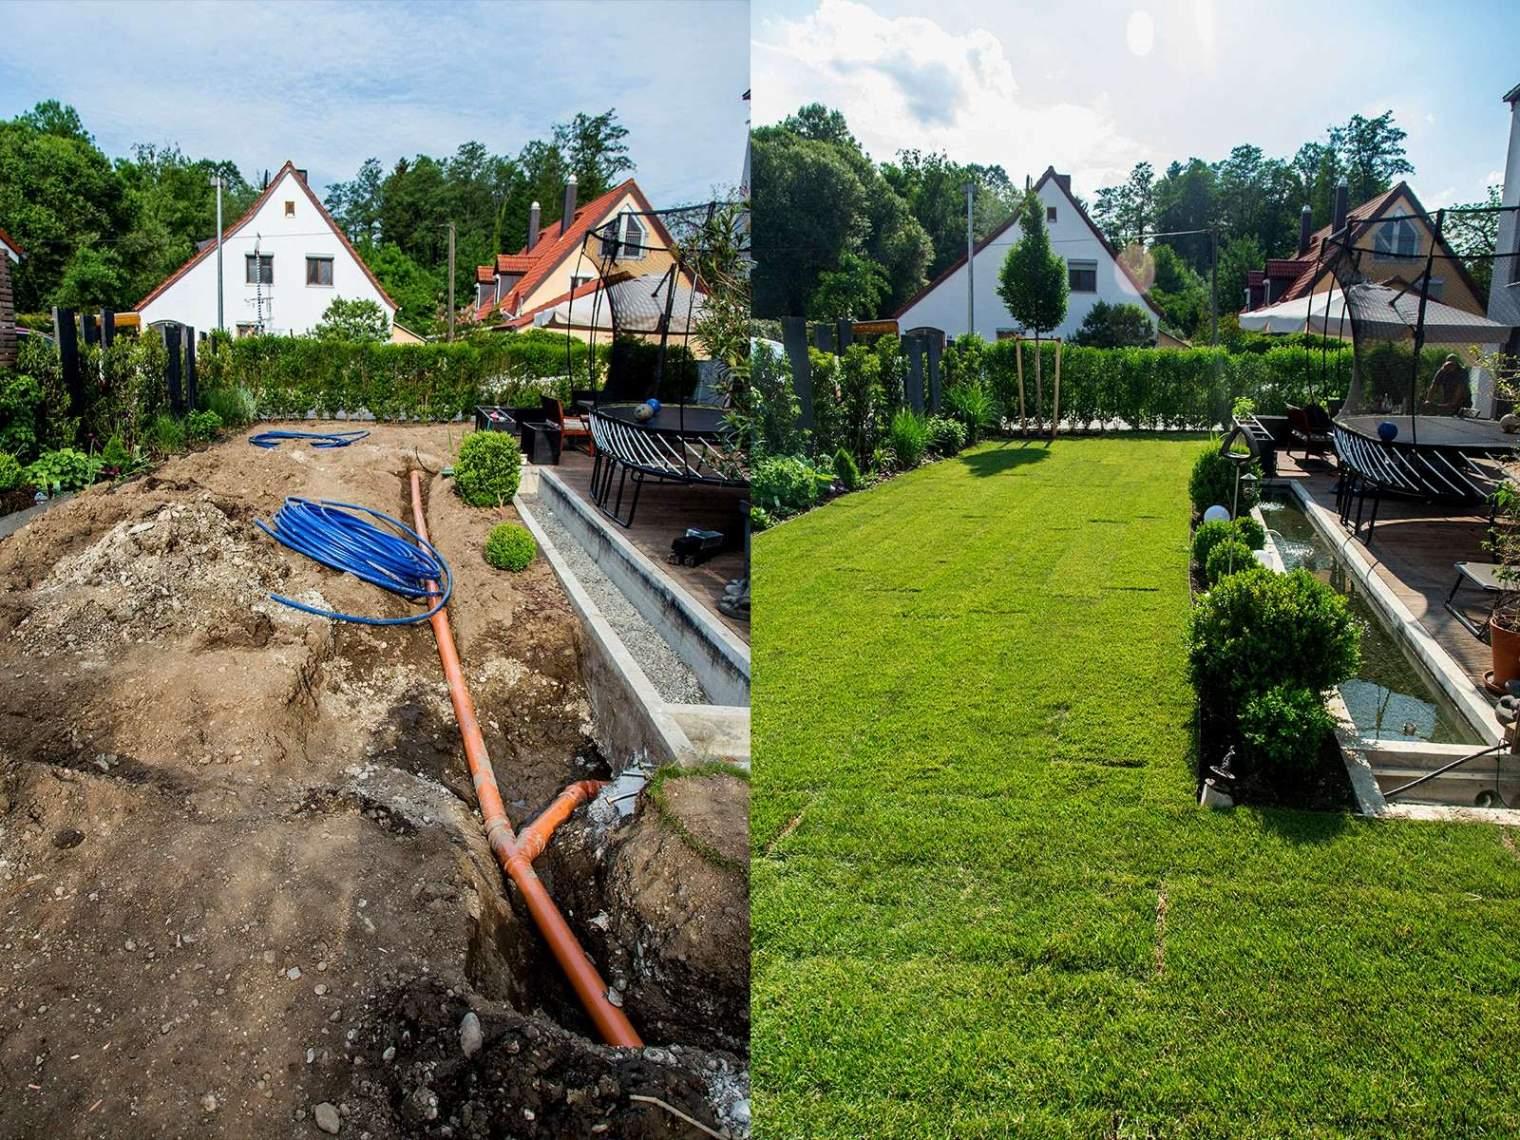 Metallzaun Garten Inspirierend Sträucher Als Sichtschutz Zum Nachbarn — Temobardz Home Blog